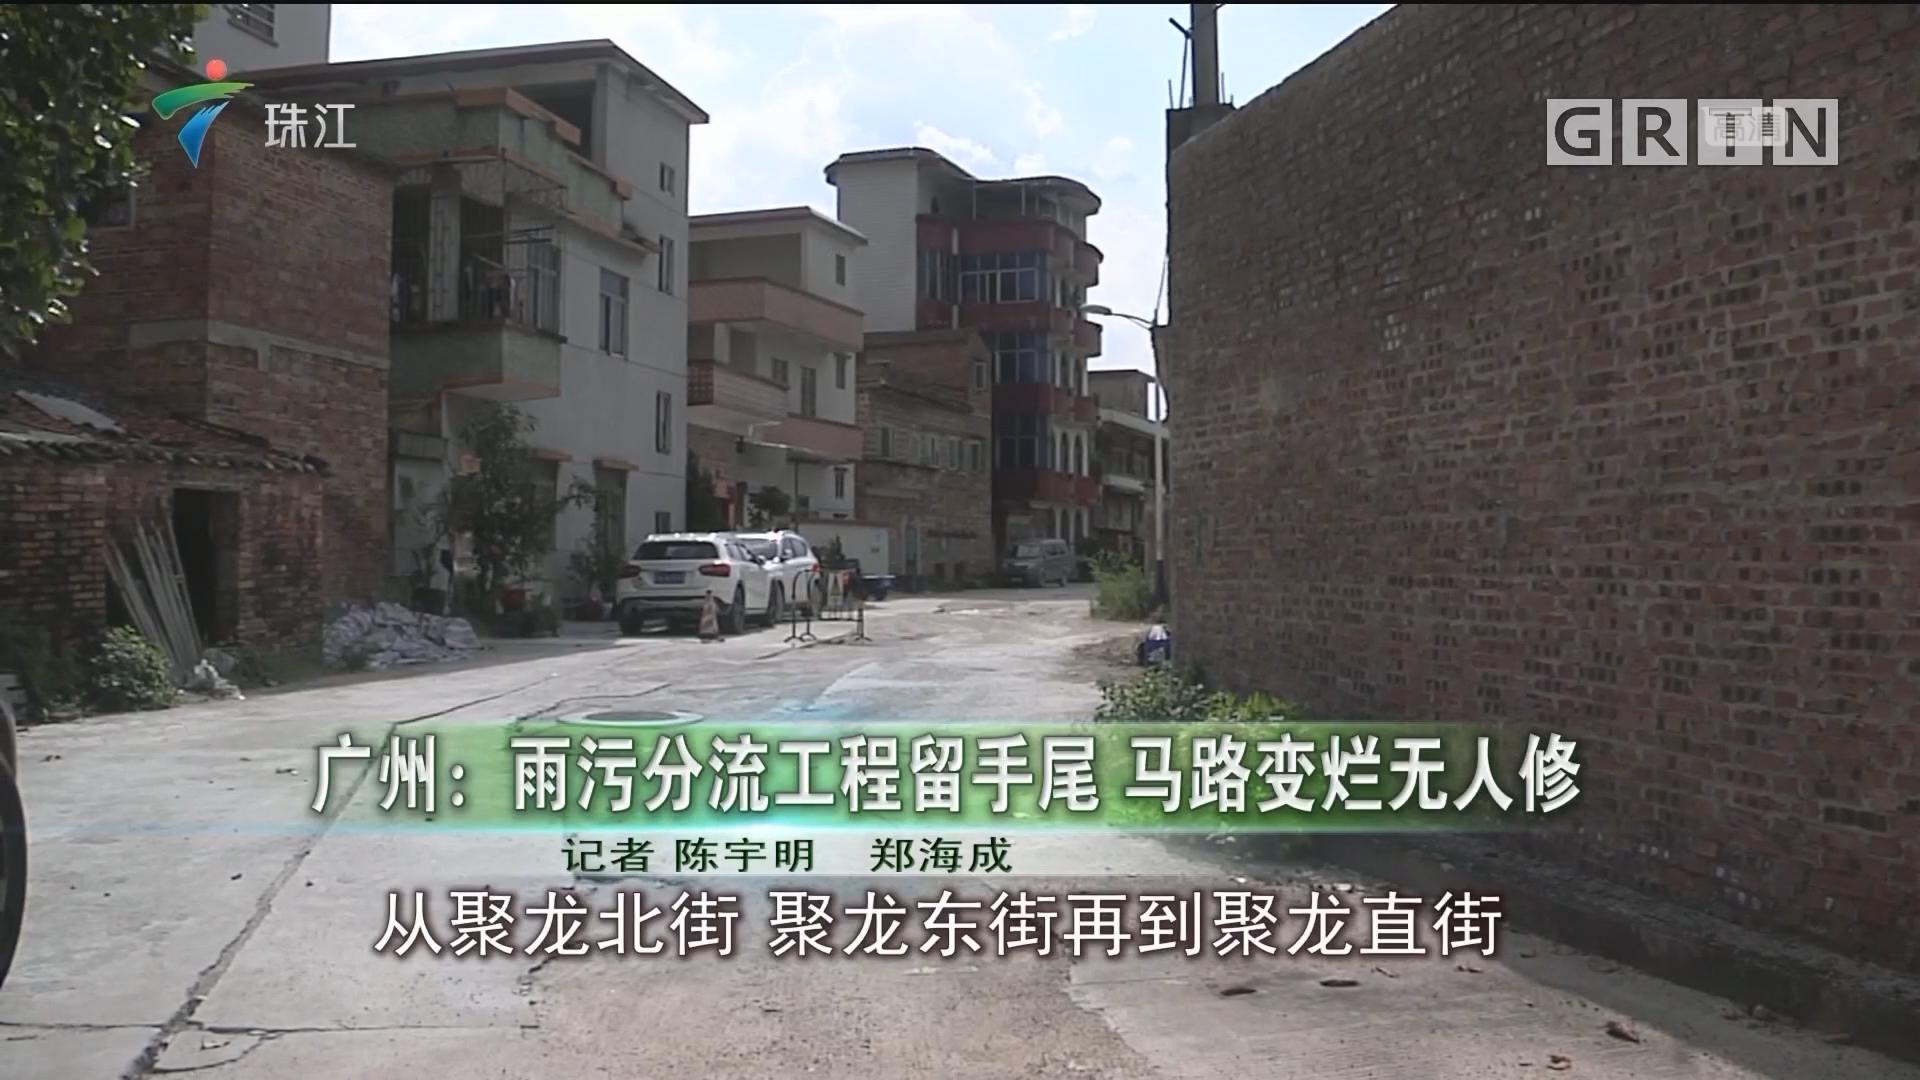 广州:雨污分流工程留手尾 马路变烂无人修